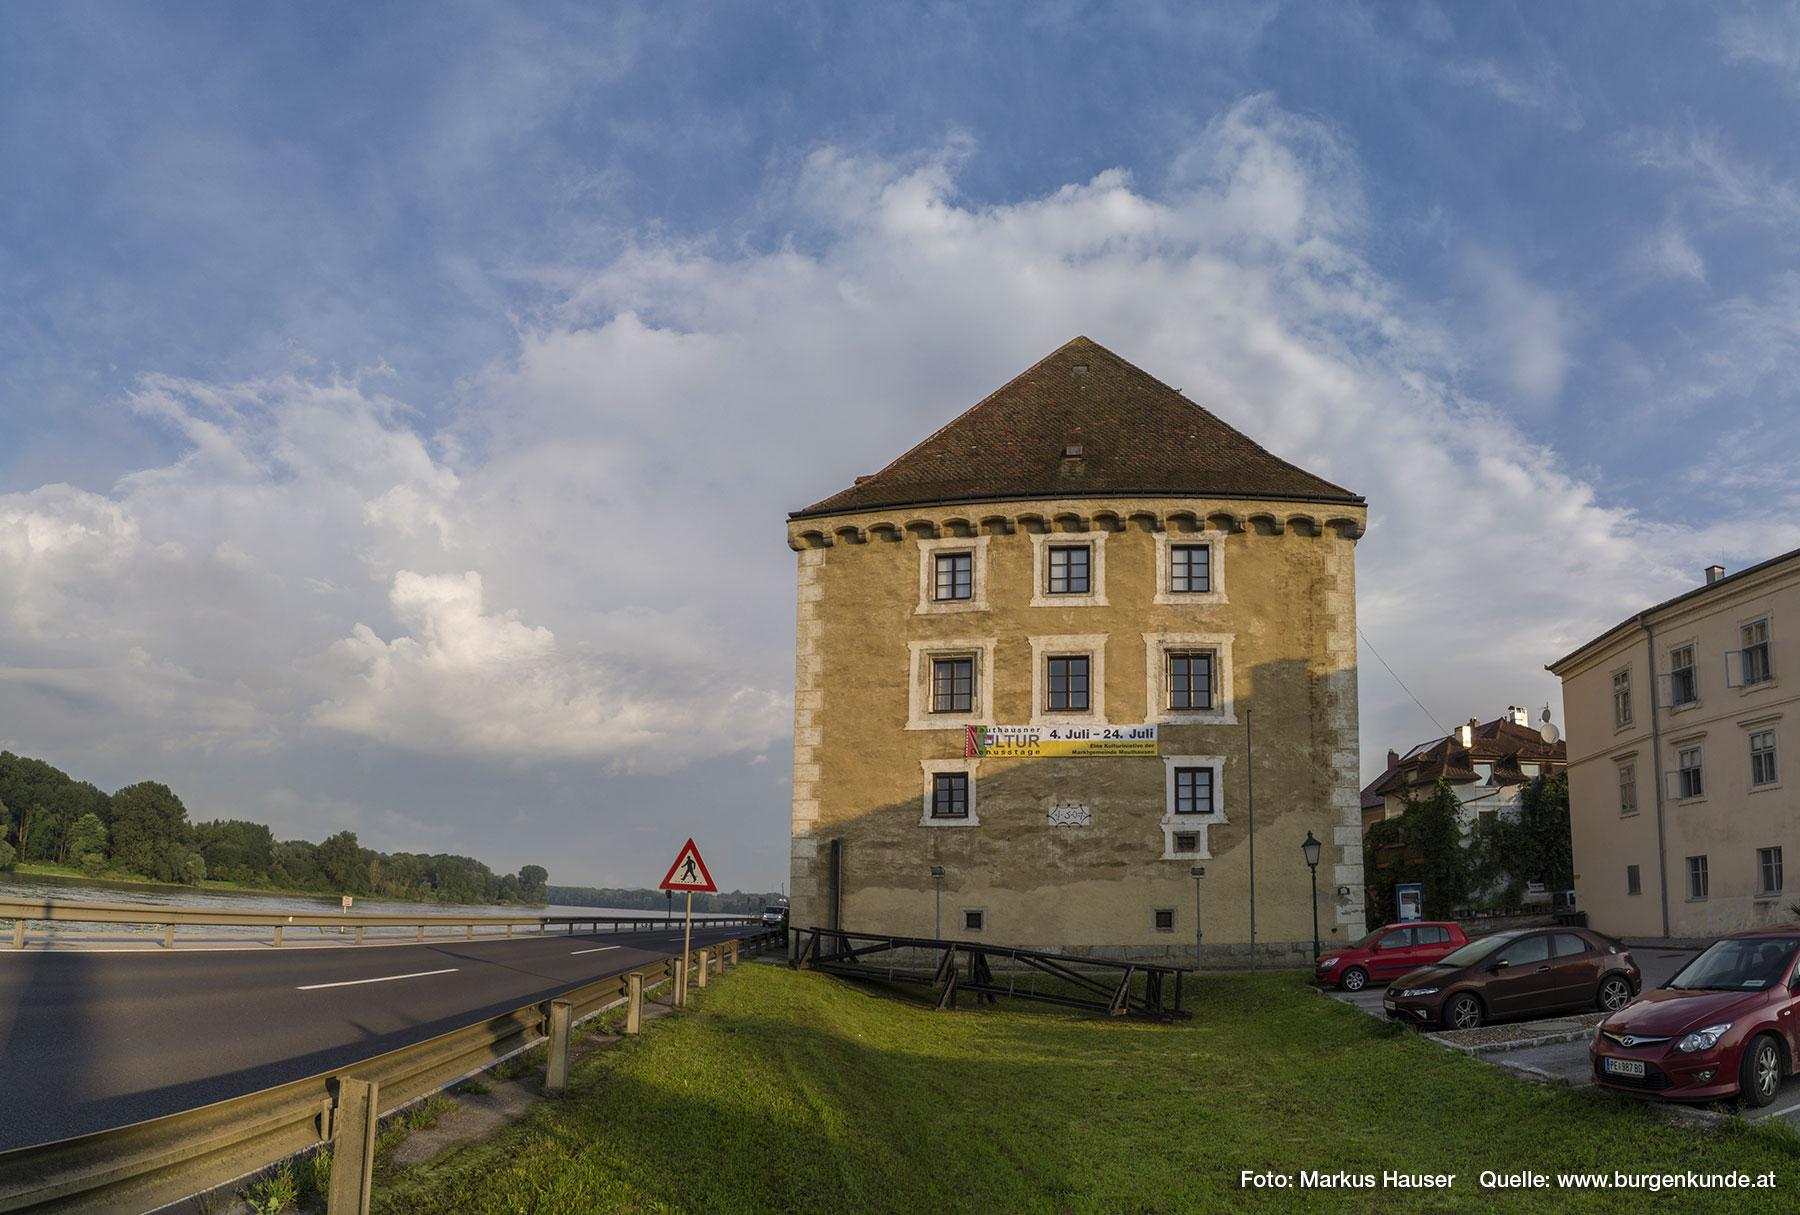 Schloss Pragstein fügt sich wunderbar in das historische Ambiente und schöne Panorama von Mauthausen. Im Vordergrund ist jener Holzsteg zu sehen, der einst den Zugang zum Schloss Pragstein ermöglichte, als sich dieses noch auf der Insel in der Donau befand.